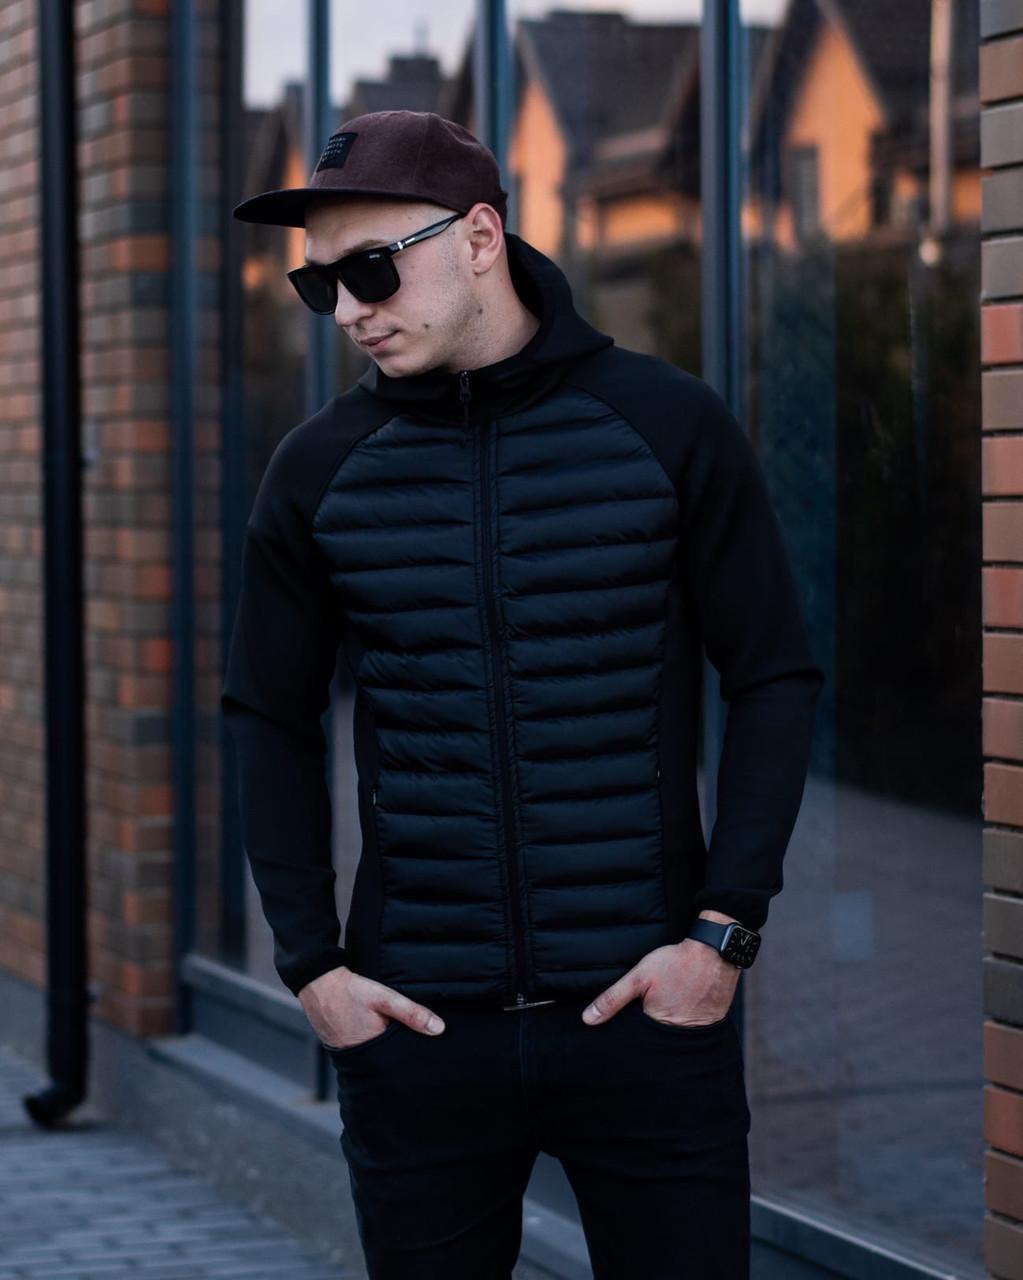 Мужская черная спортивная куртка норс весна-осень. Мужская черная стеганая демисезонная стильная парка бомбер.